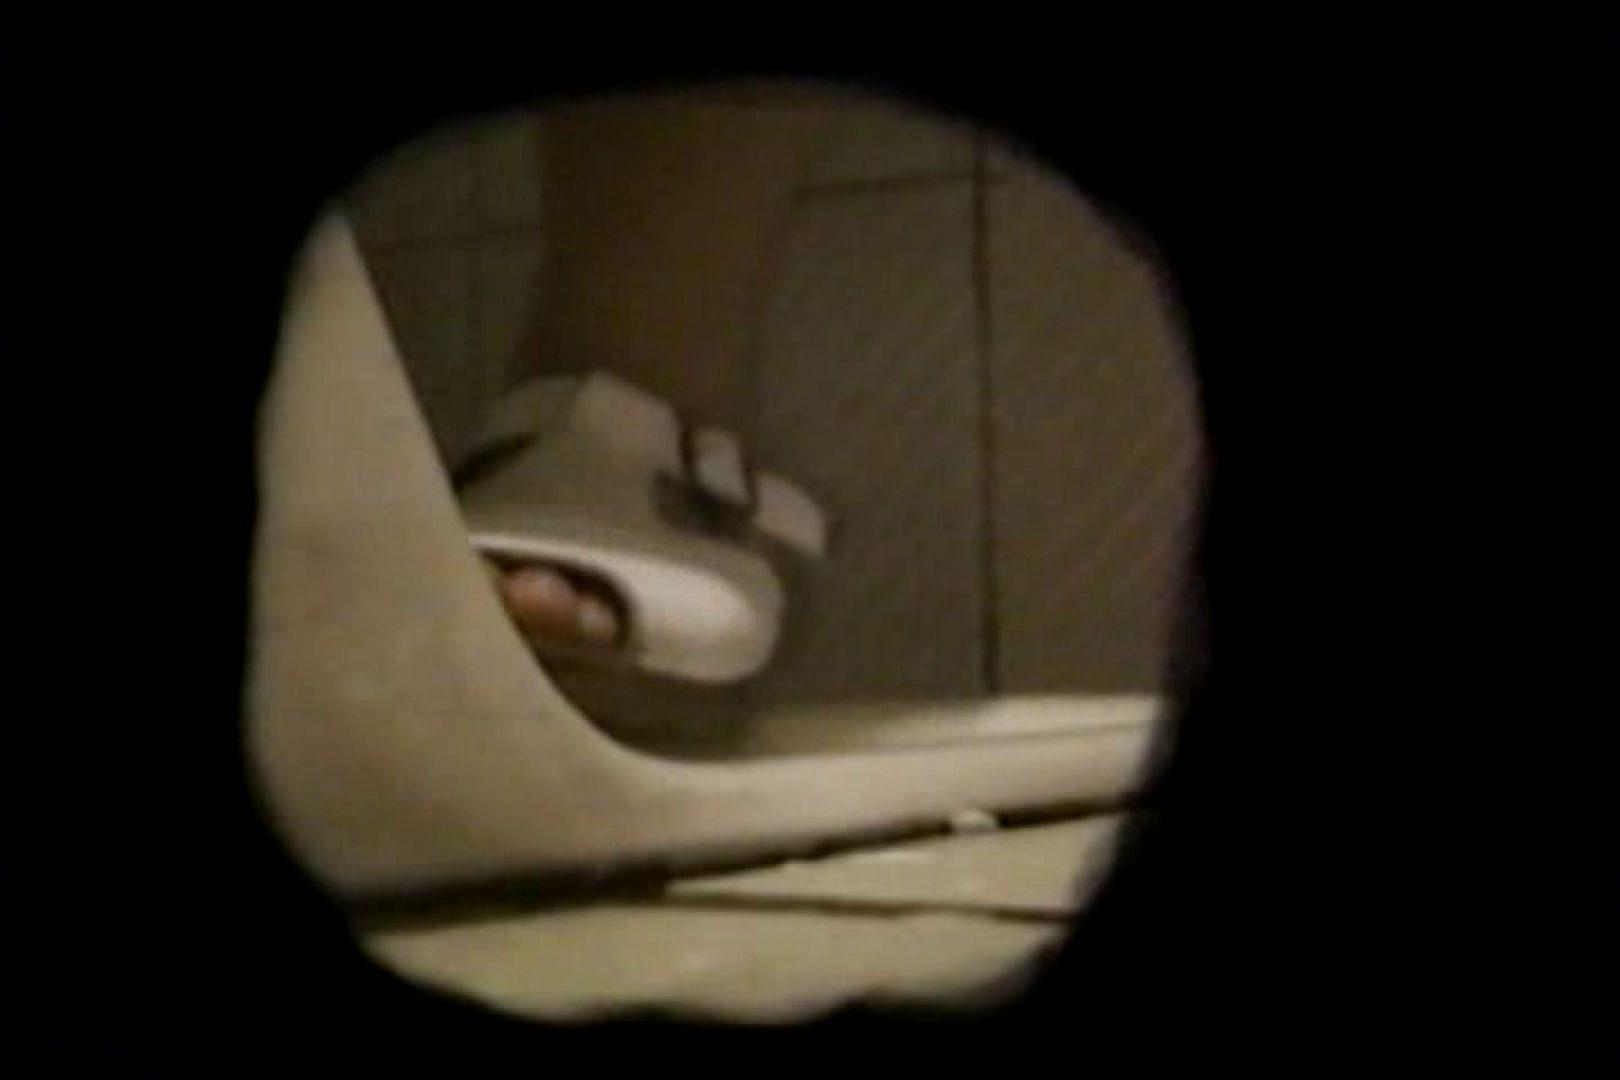 盗撮 女子洗面所3ヶ所入ってしゃがんで音出して プライベート   和式  109連発 49